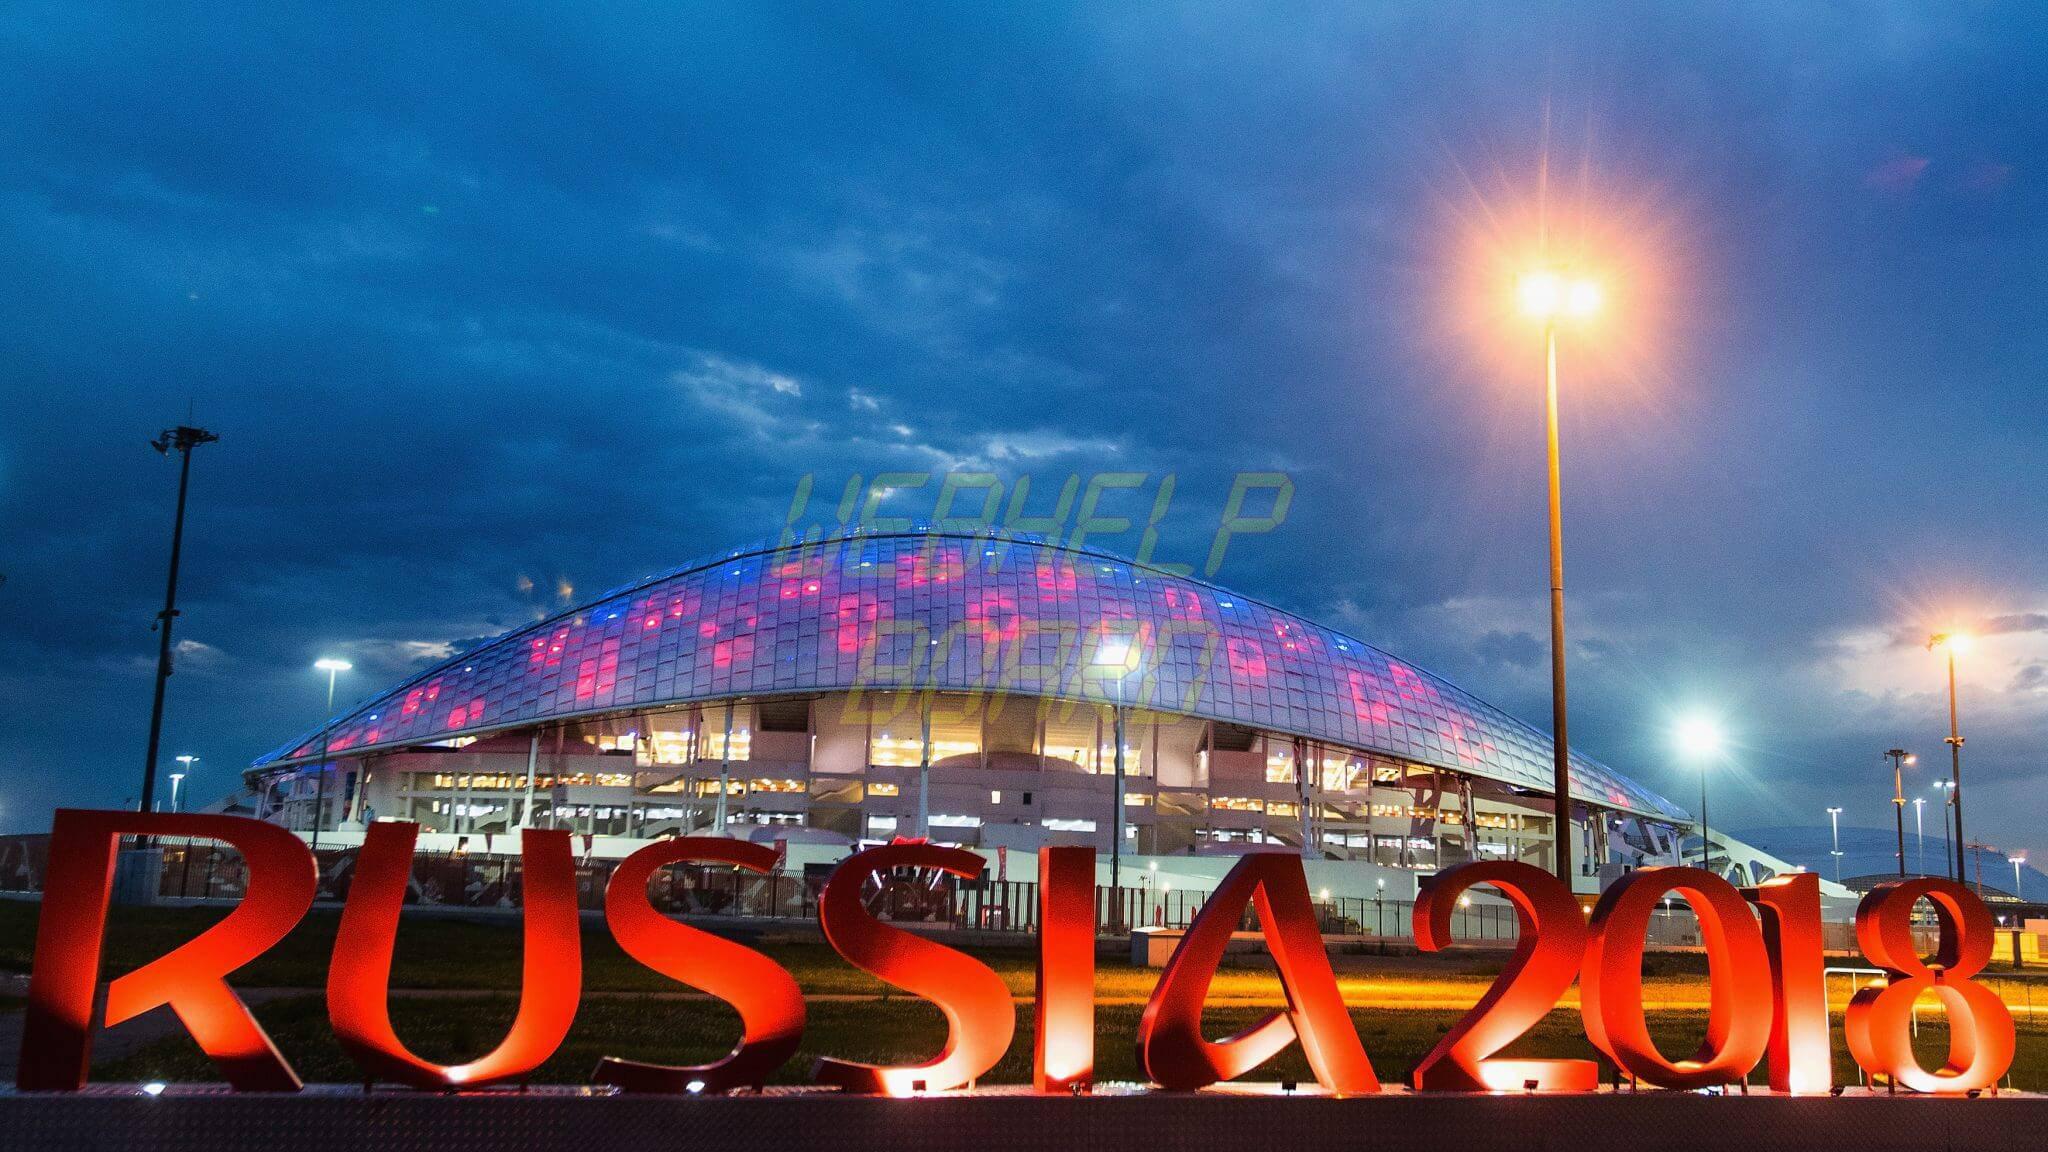 rpzo0uqhutrnuf4uo9pz - Adicione todos os jogos da Copa do Mundo da Rússia na sua Agenda